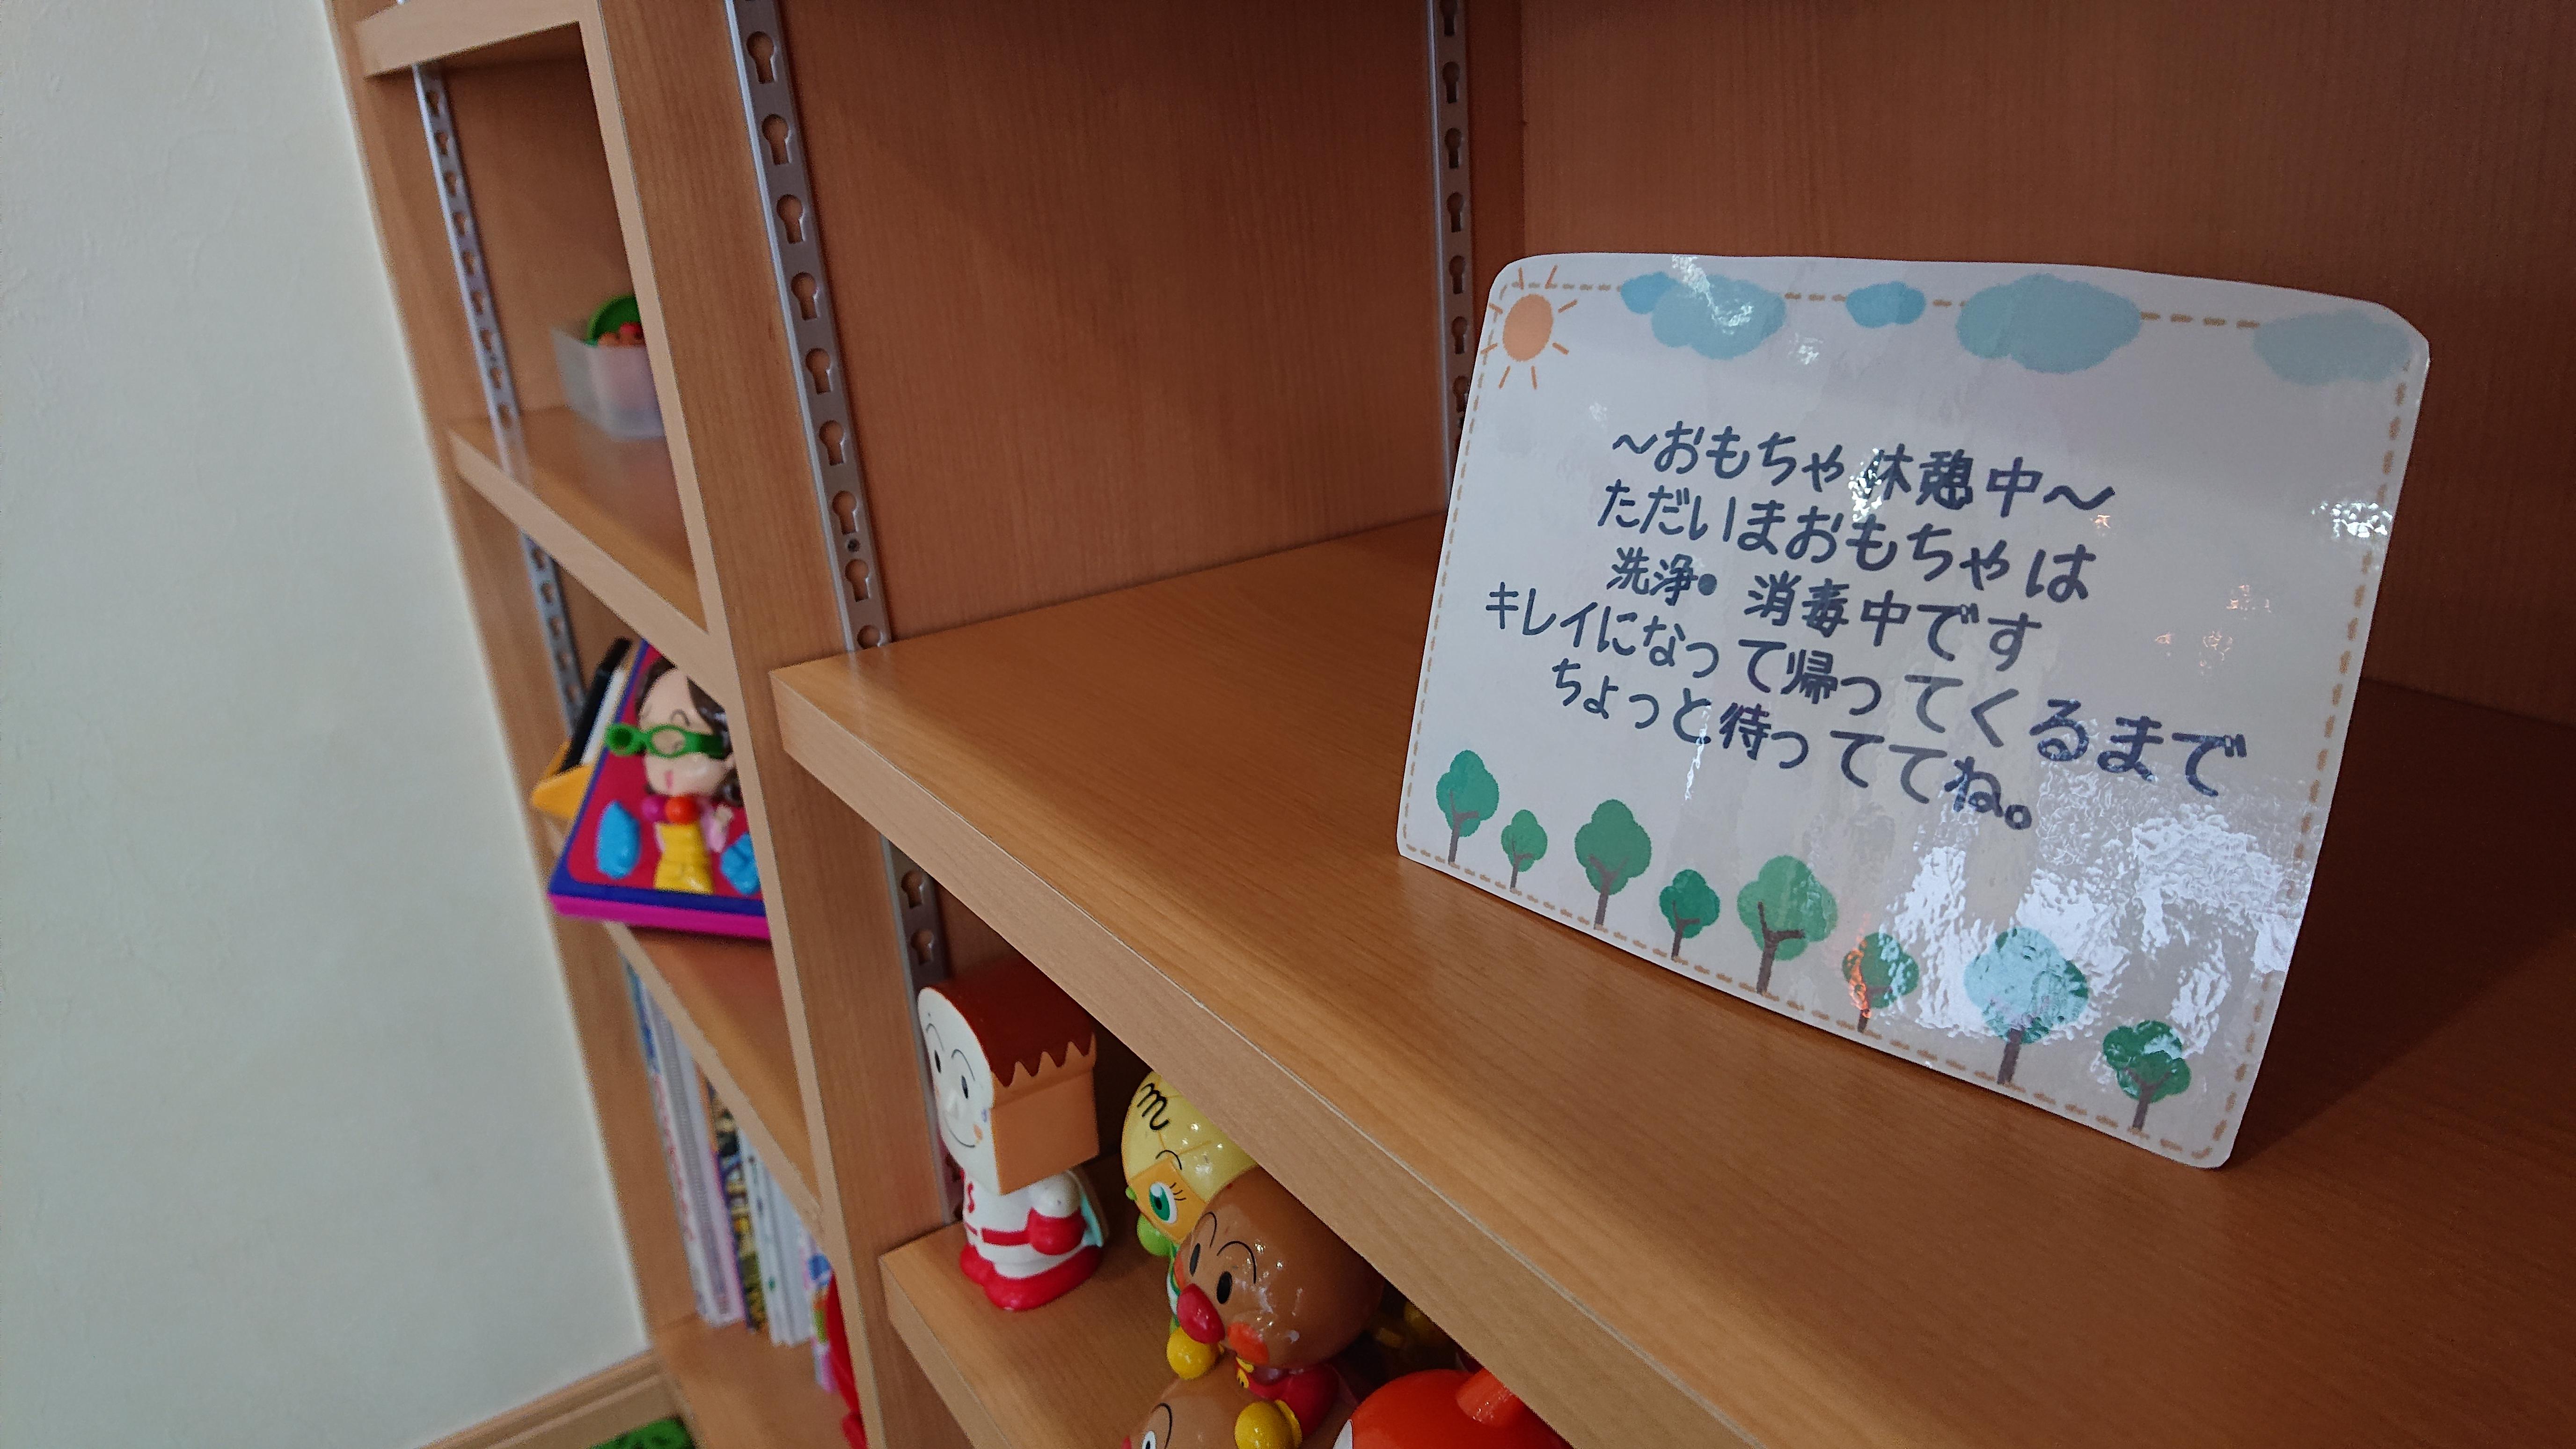 玩具は定期的に洗浄・消毒を行います。